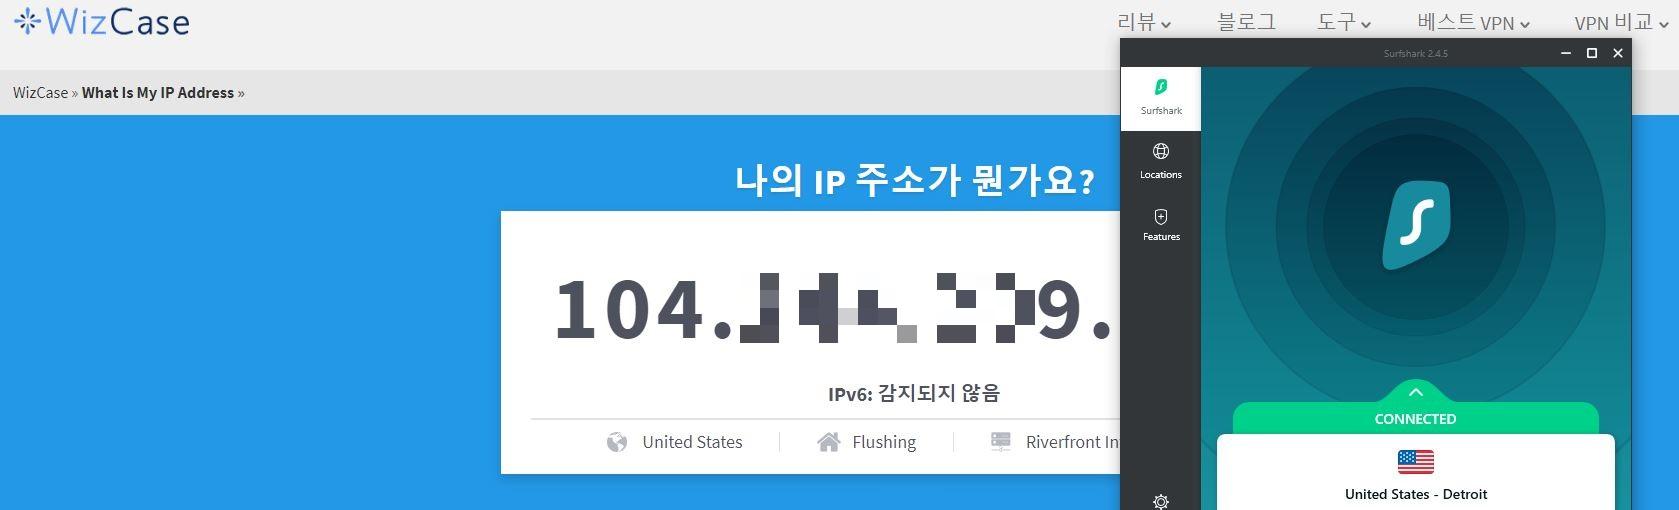 Wizcase 도구 : 내 IP는 무엇입니까?